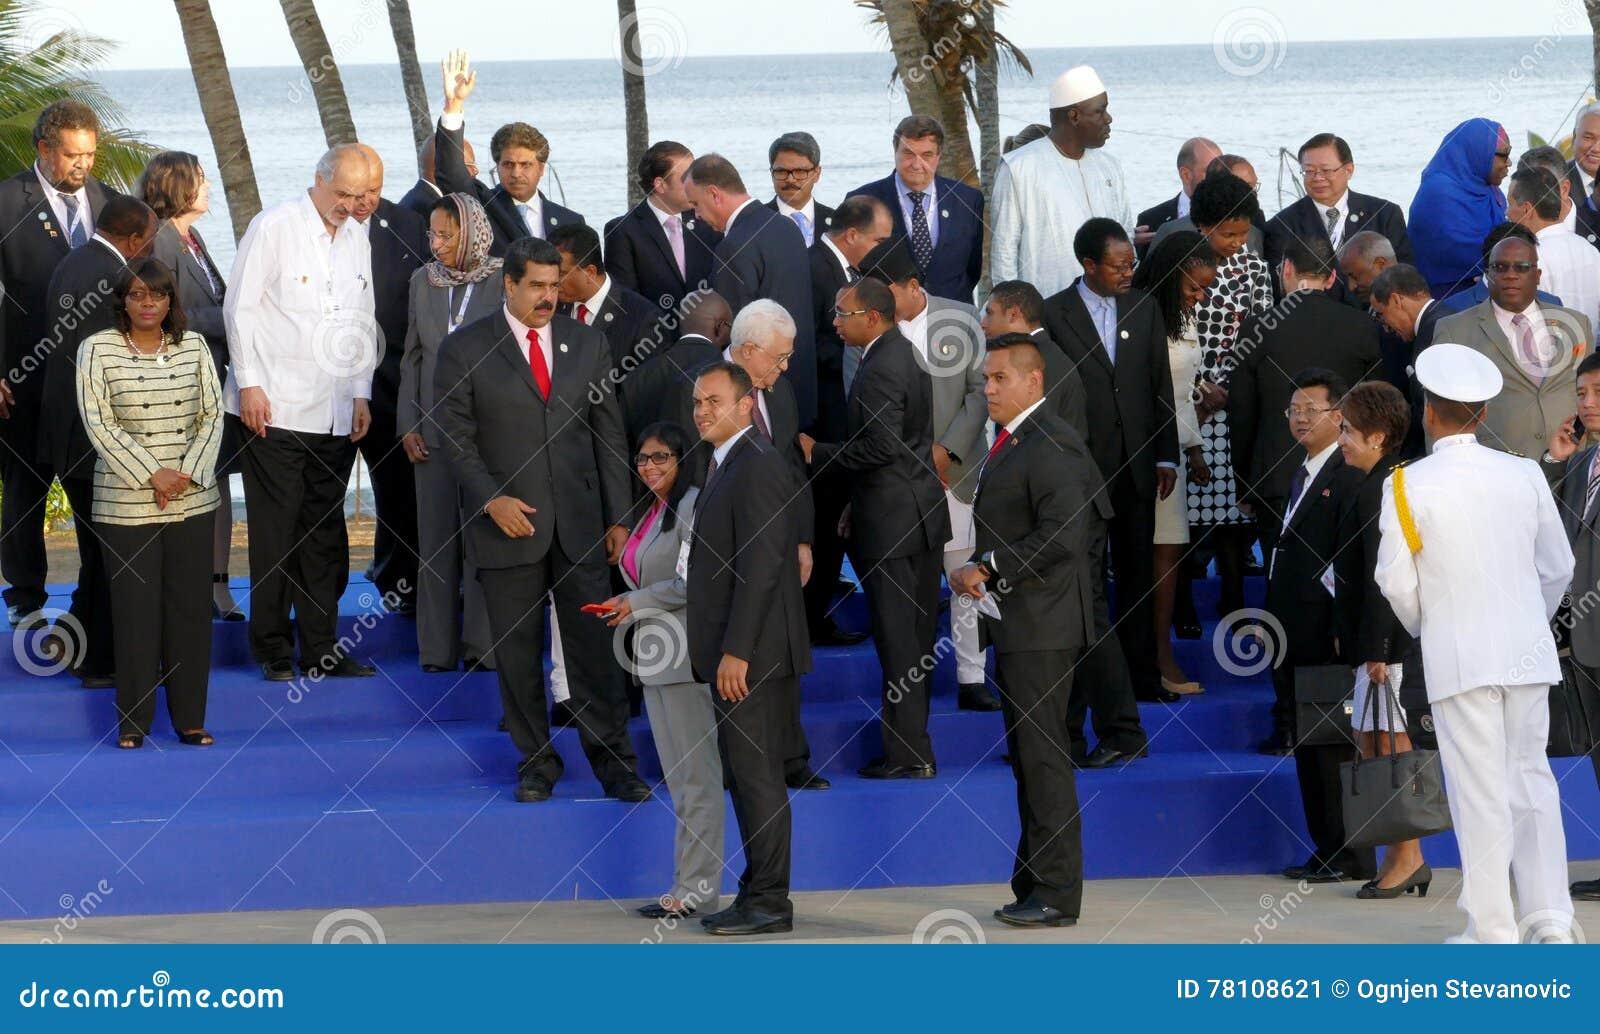 Os presidentes das delegações levantam para a fotografia oficial na 17a cimeira do movimento Não-alinhado